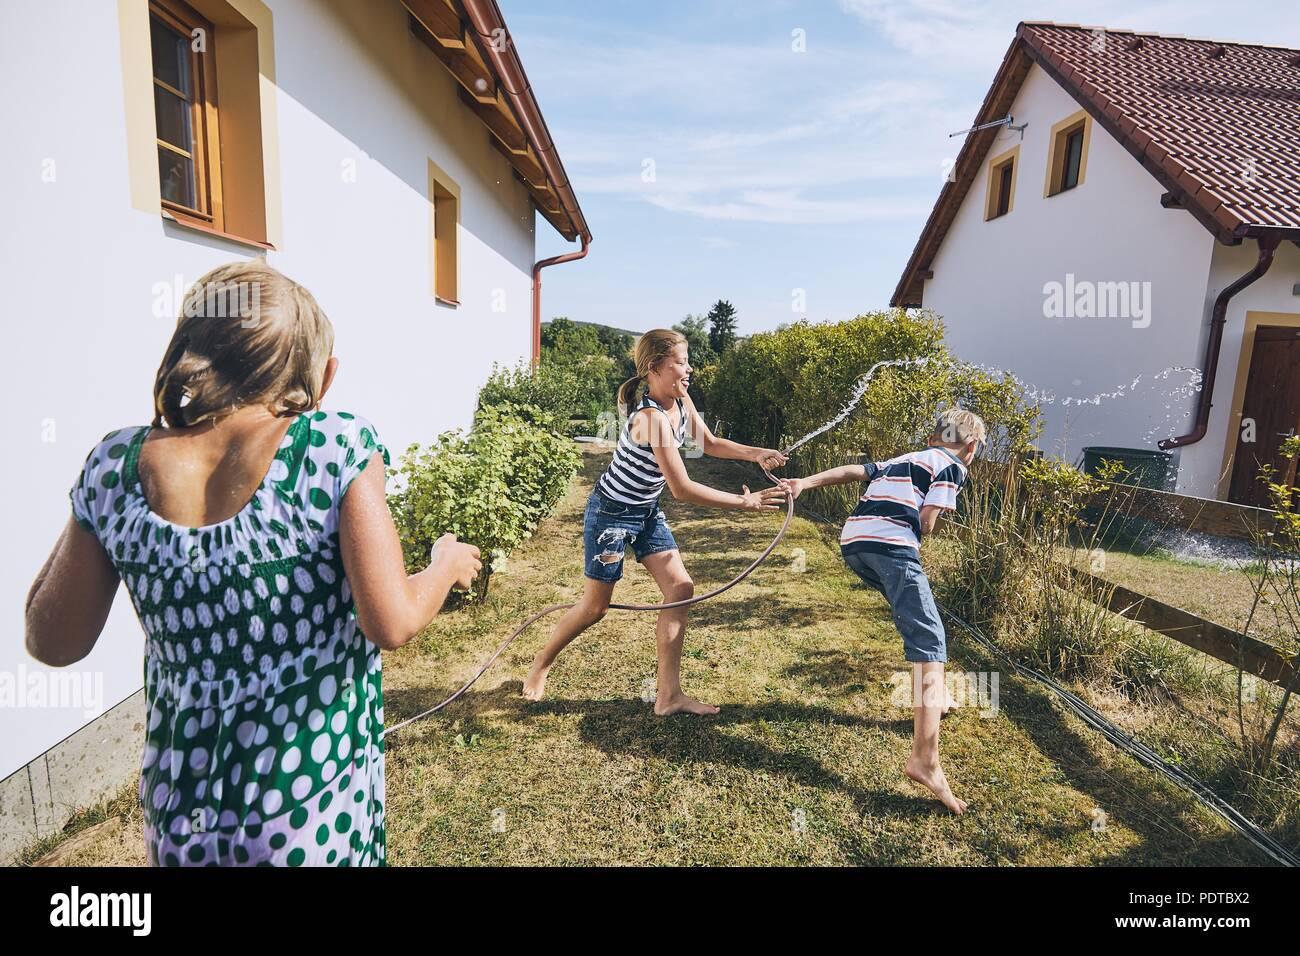 Los niños se divierten con las salpicaduras de agua. Hermanos en el patio trasero de la casa durante el día de verano. Imagen De Stock